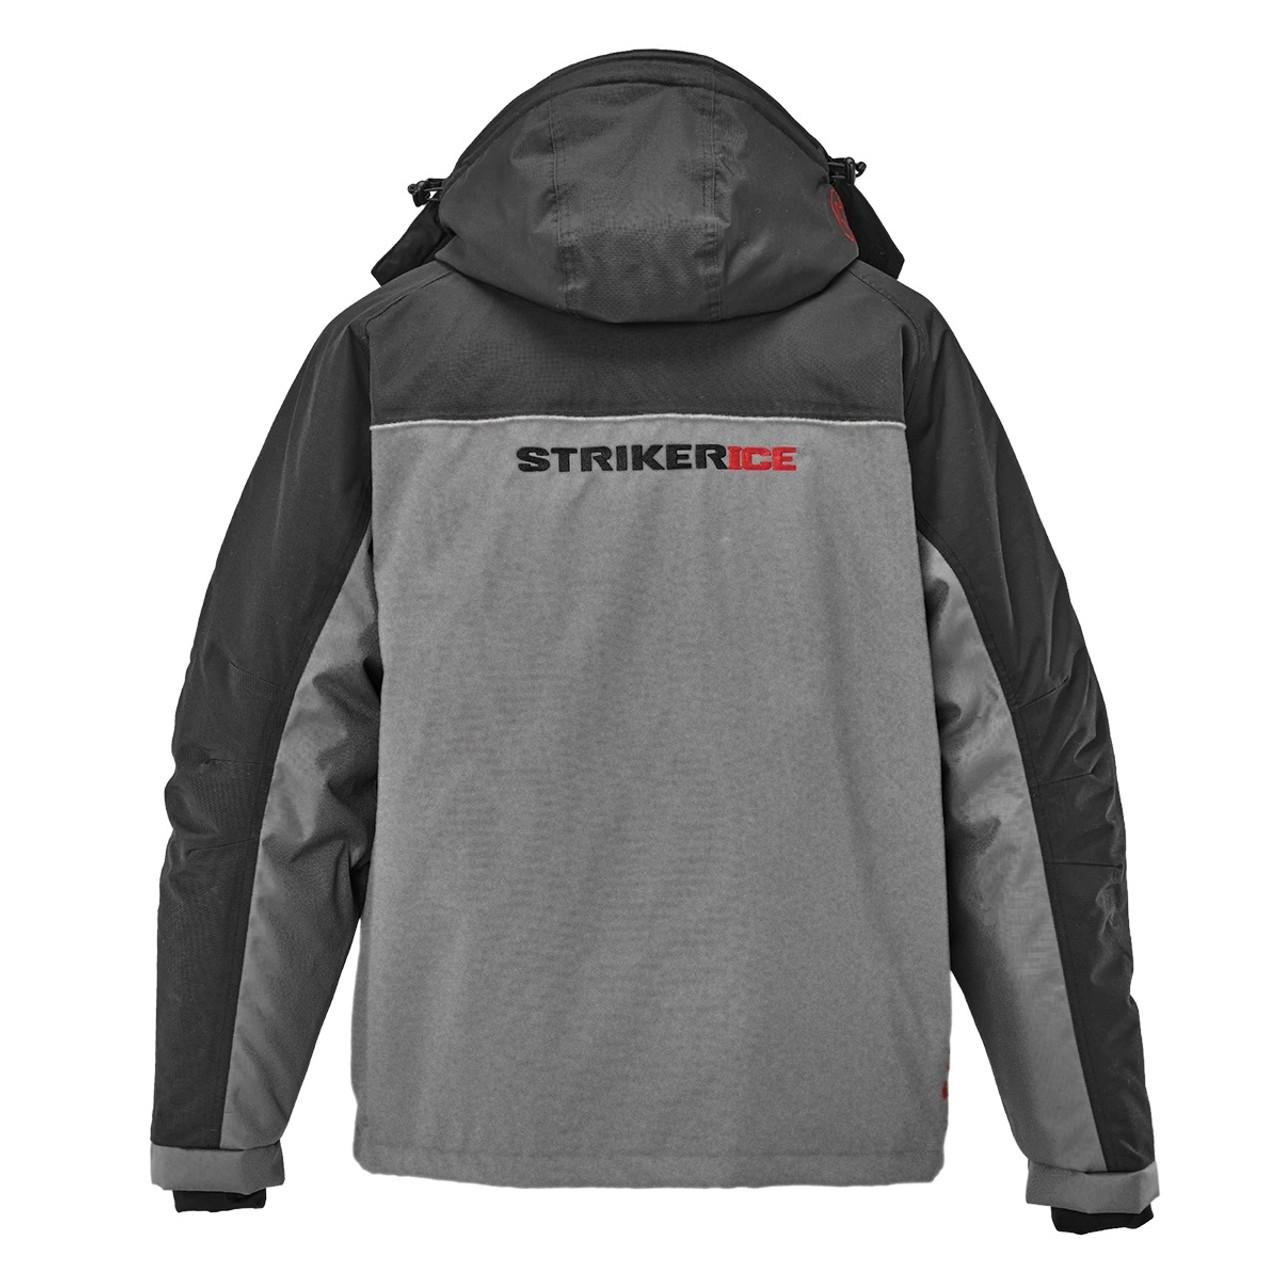 Striker Ice Men's 2020 HardWater Ice Fishing Jacket